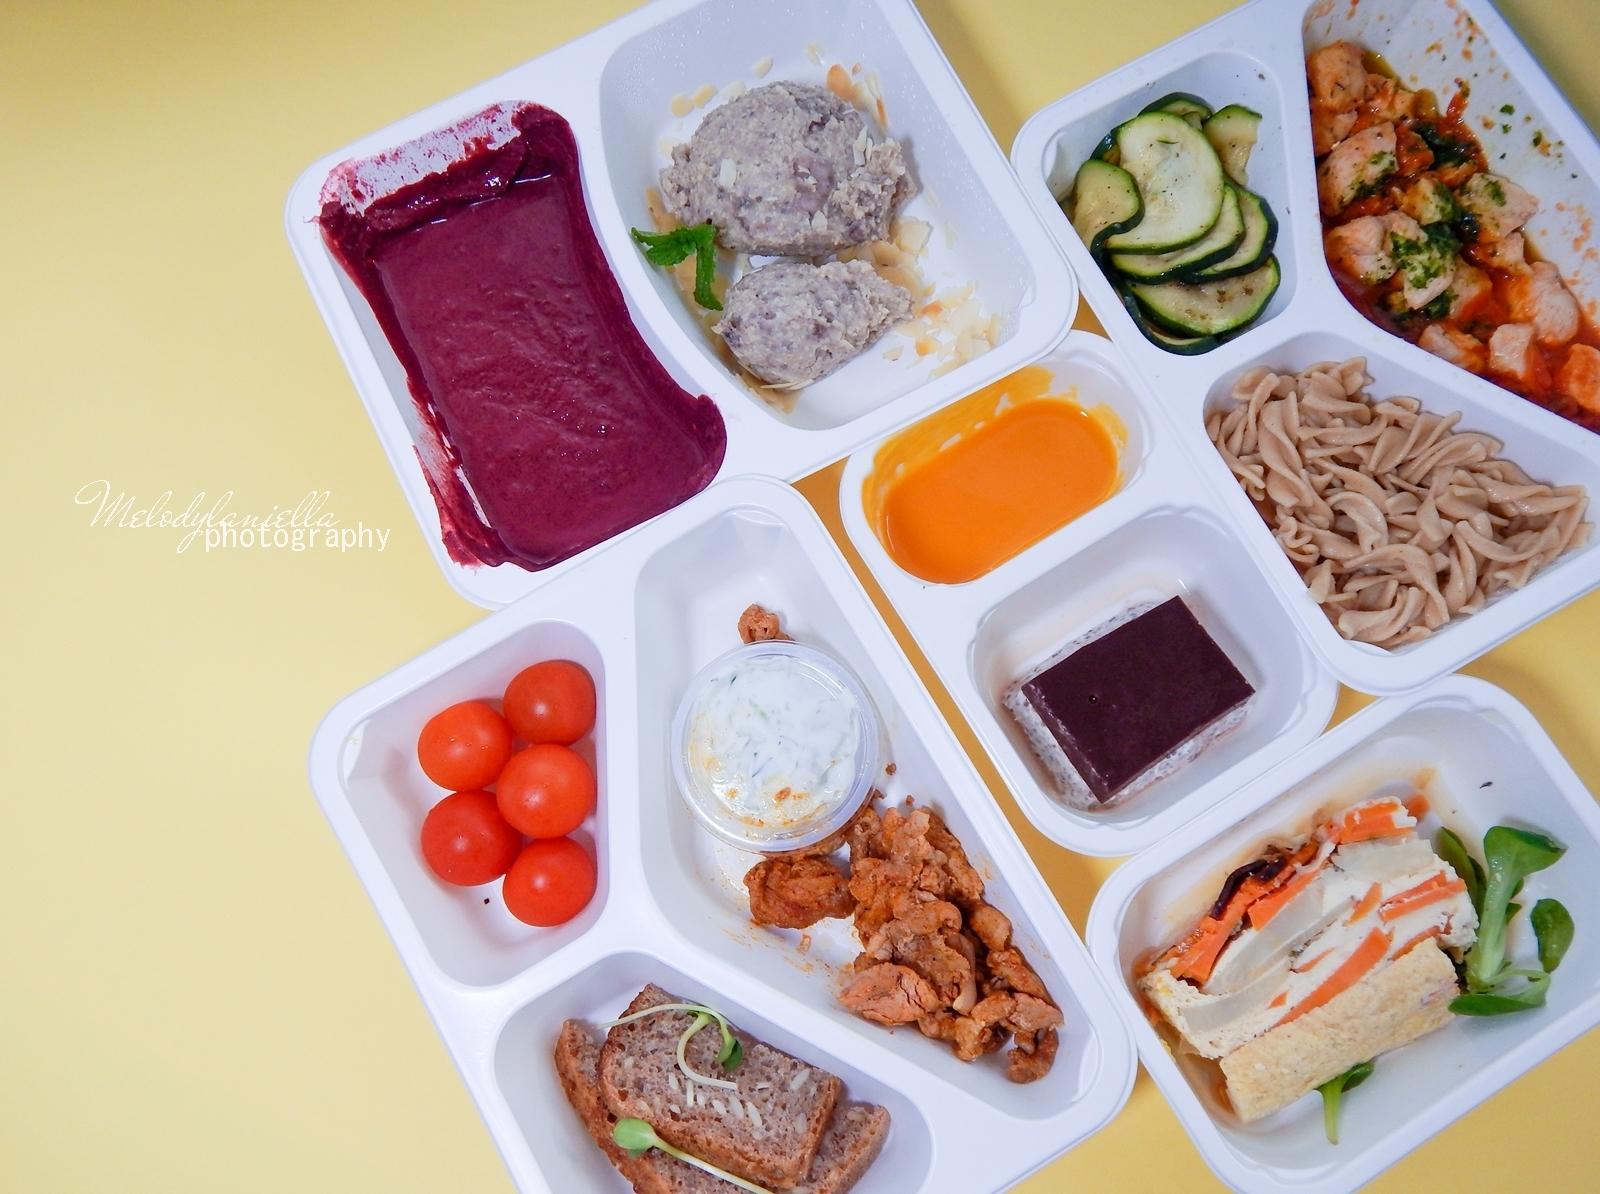 011 cateromarket dieta pudełkowa catering dietetyczny dieta jak przejść na dietę catering z dowozem do domu dieta kalorie melodylaniella dieta na cały dzień jedzenie na cały dzień catering do domu